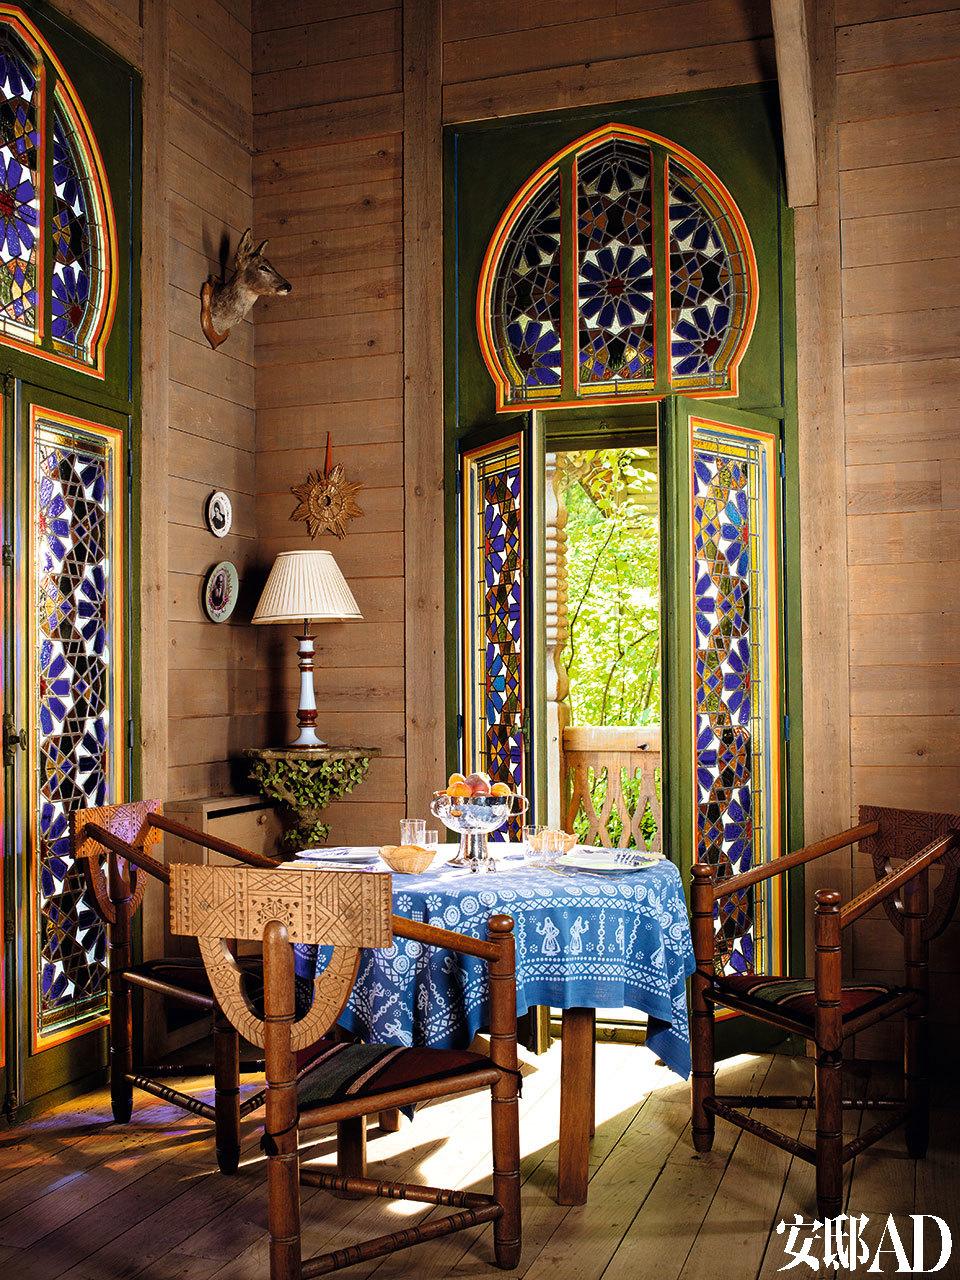 客厅一角是用餐区,俄式花园的木质座椅是大约在1900年前后,于Talashkino的作坊生产的。古董级的着色玻璃反射出黄、绿、蓝、红等迷离的光线,令人怀念起YSL在上世纪80年代创造的那些色彩鲜明的套装。